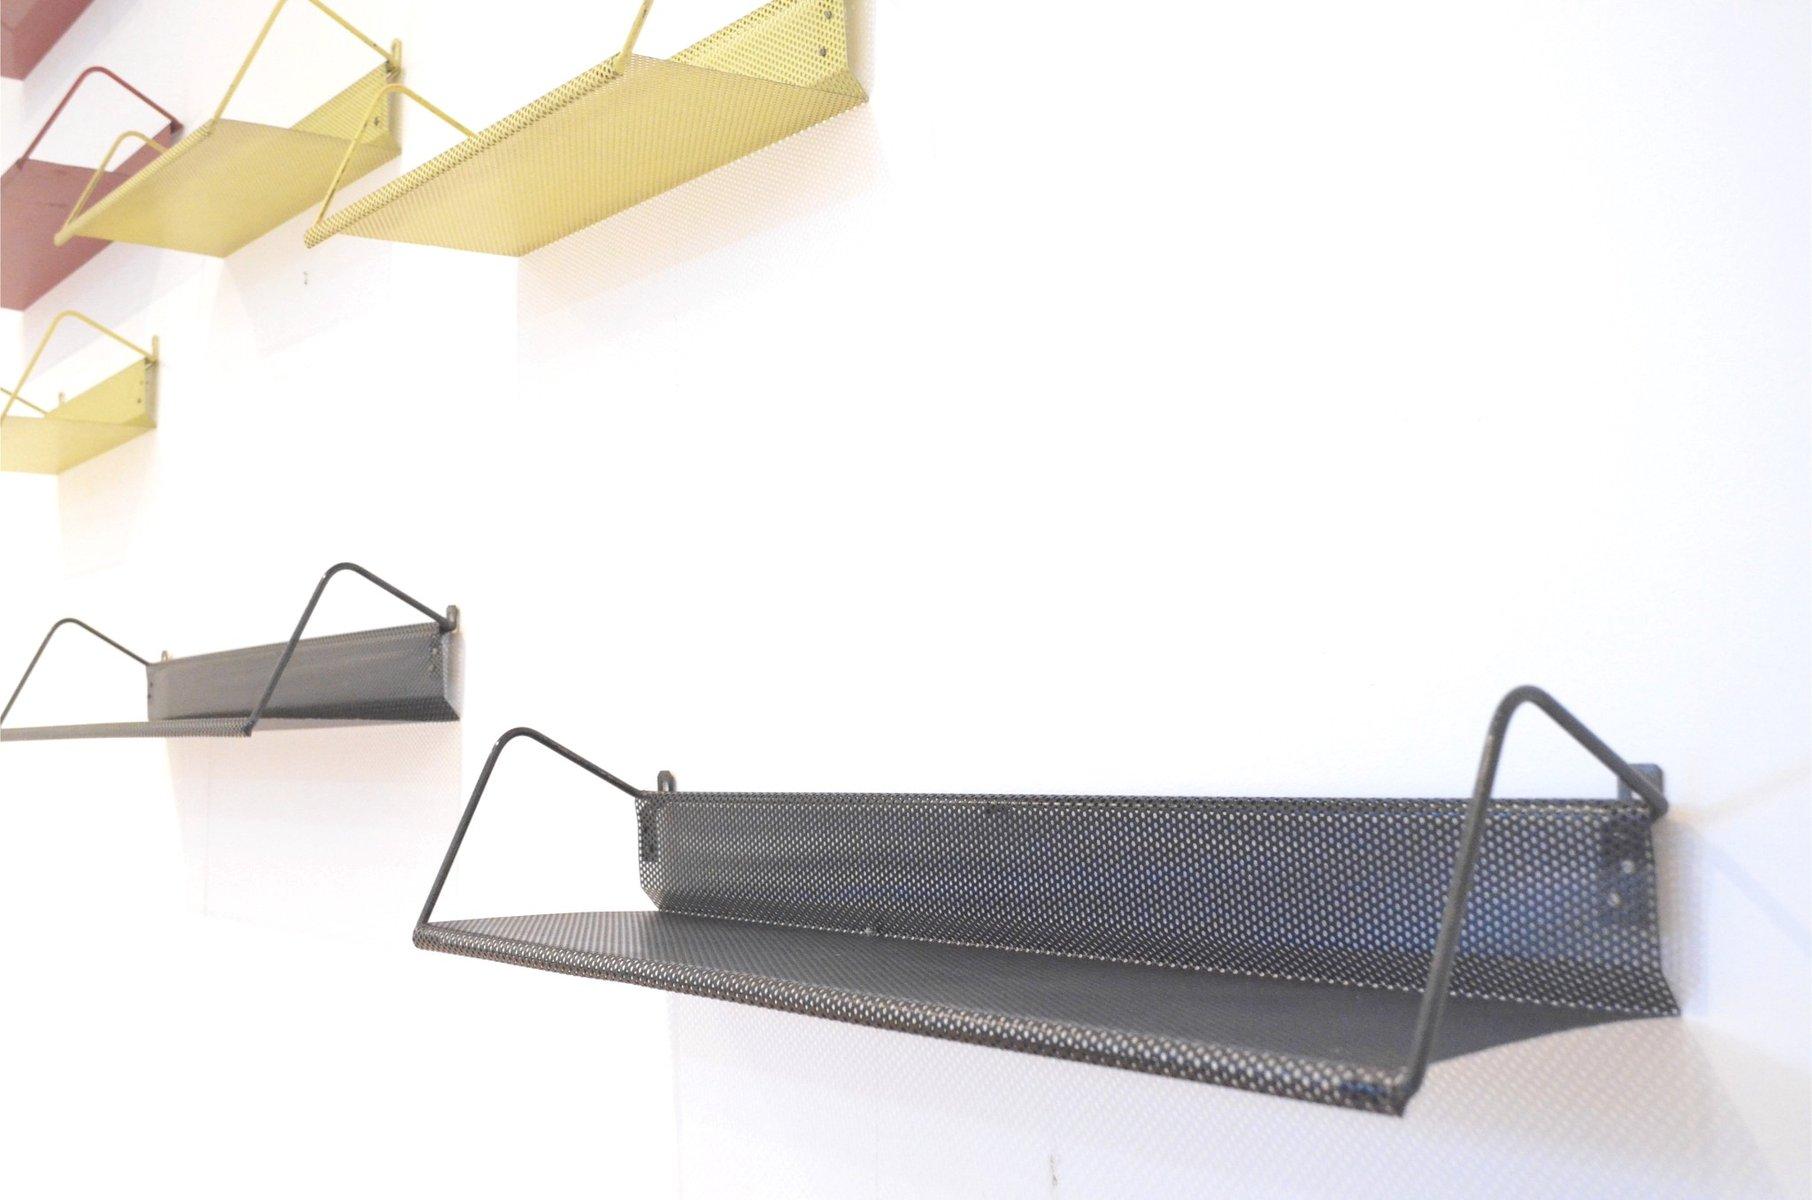 vintage metall b cherboards in drei farben von mathieu mat got f r artimeta 9er set bei pamono. Black Bedroom Furniture Sets. Home Design Ideas